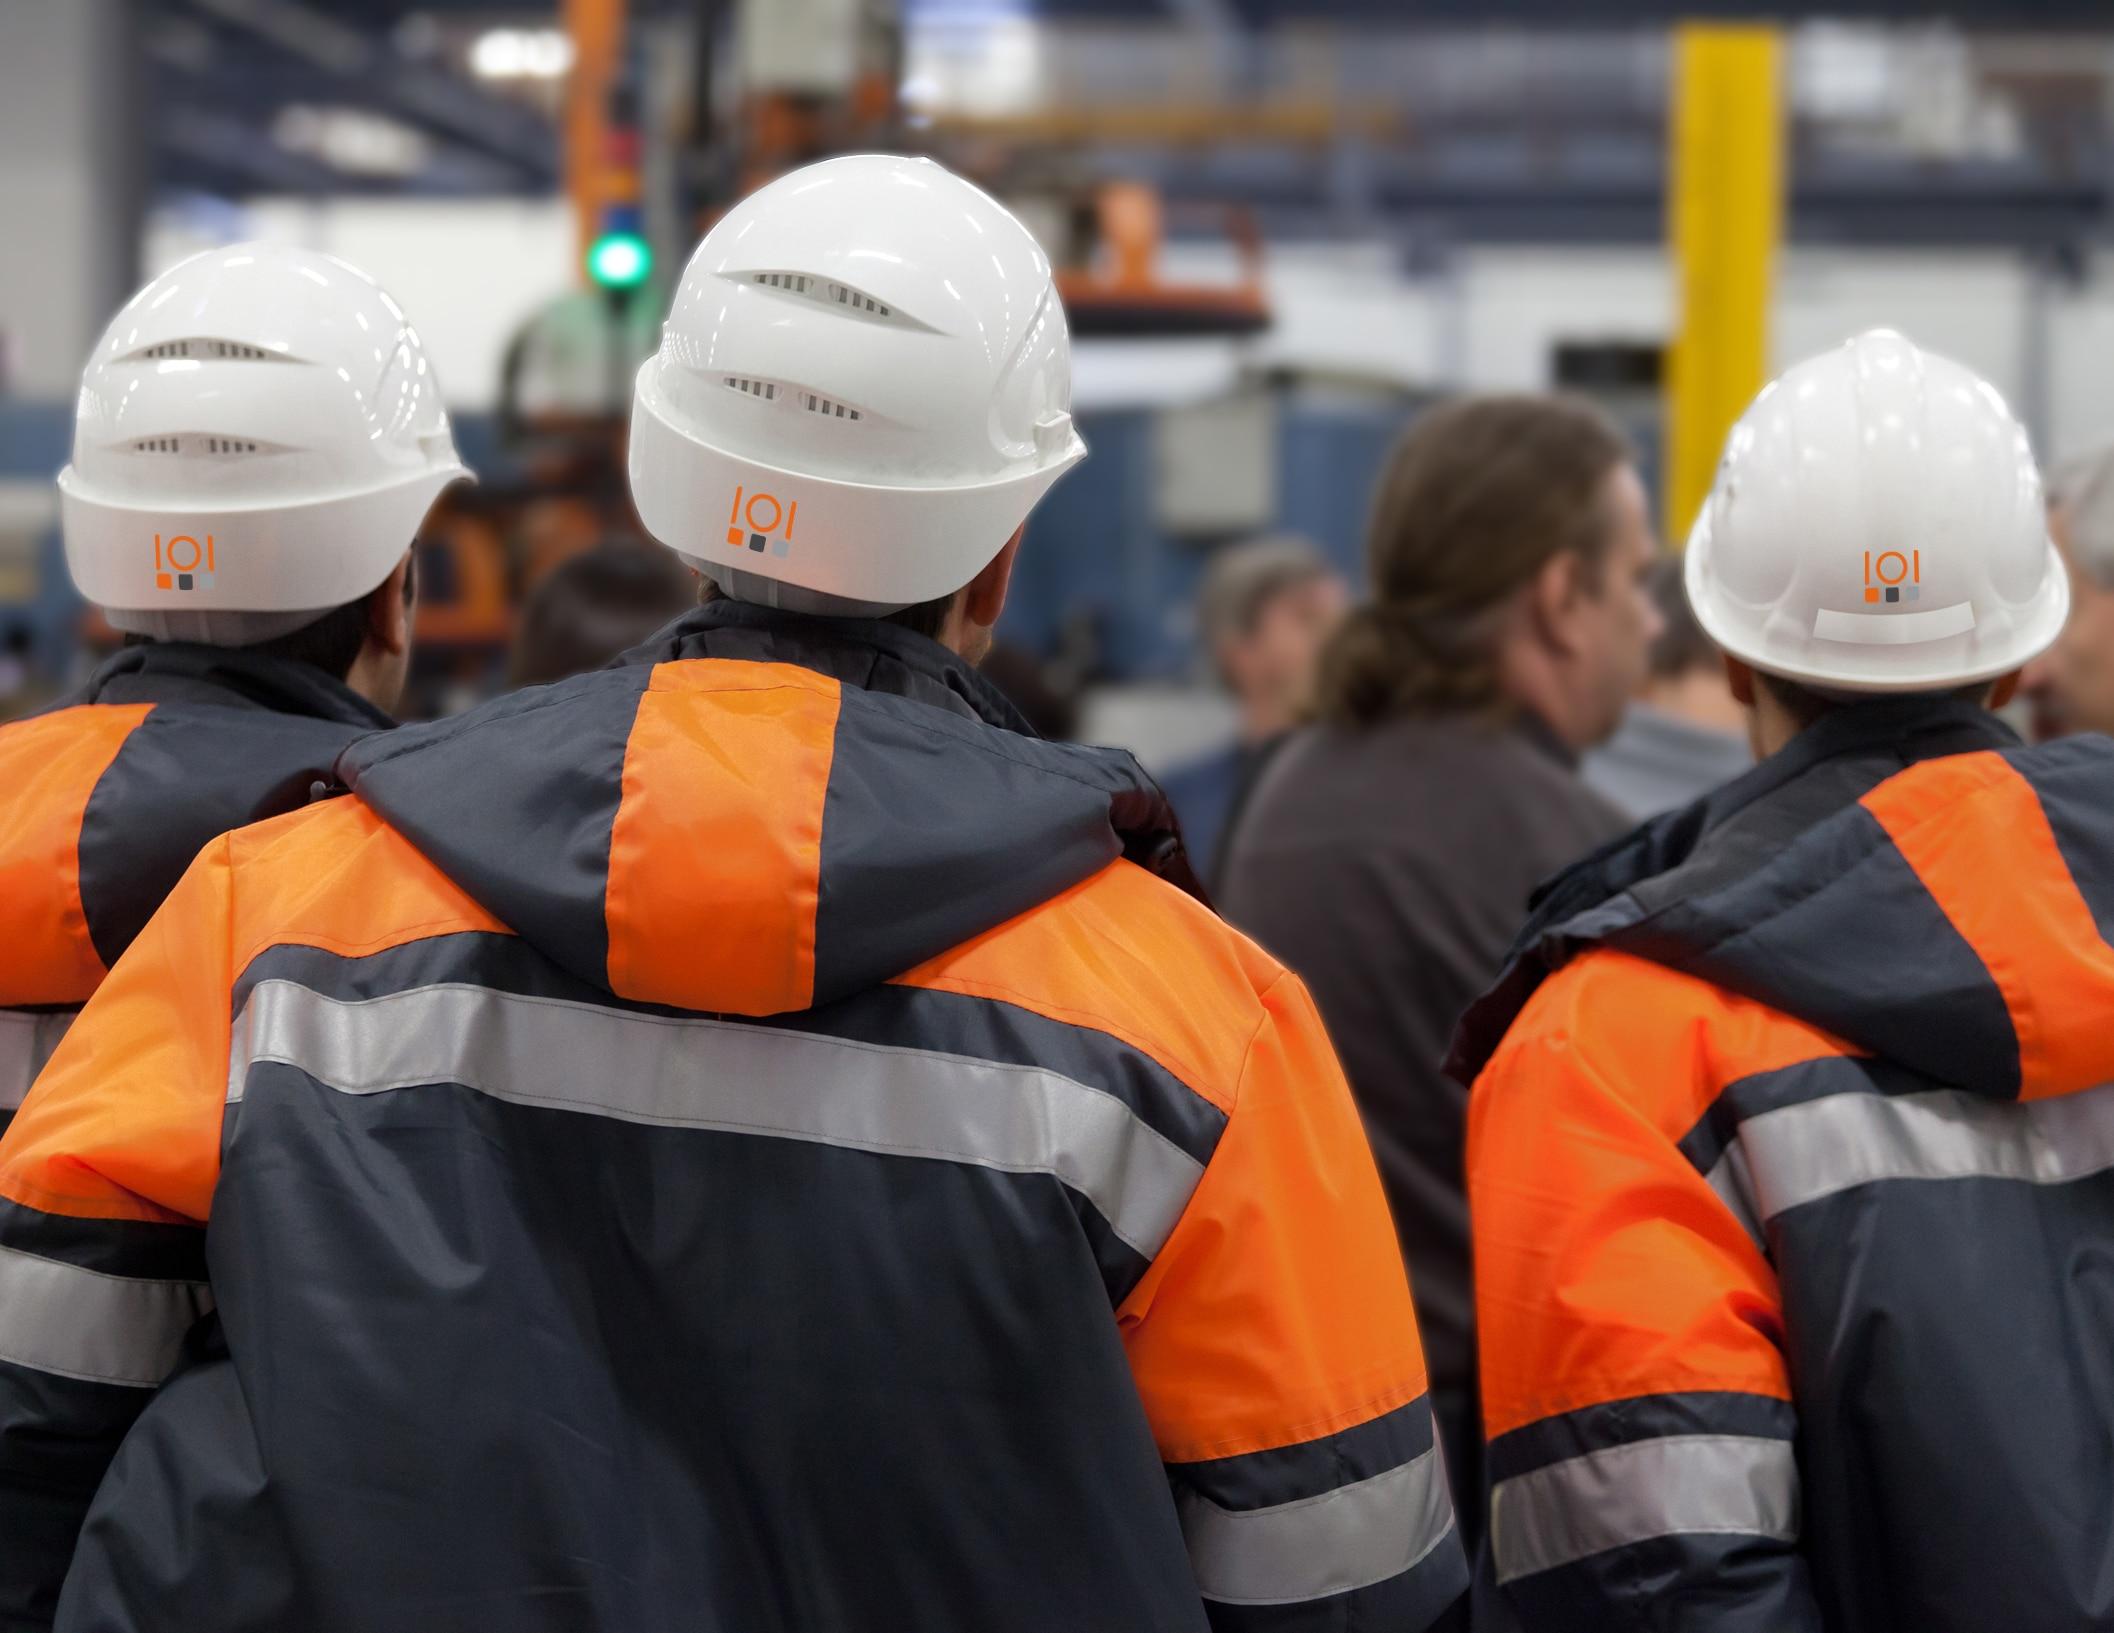 IONTEC - Mantenimiento, consultoría e ingeniería industrial